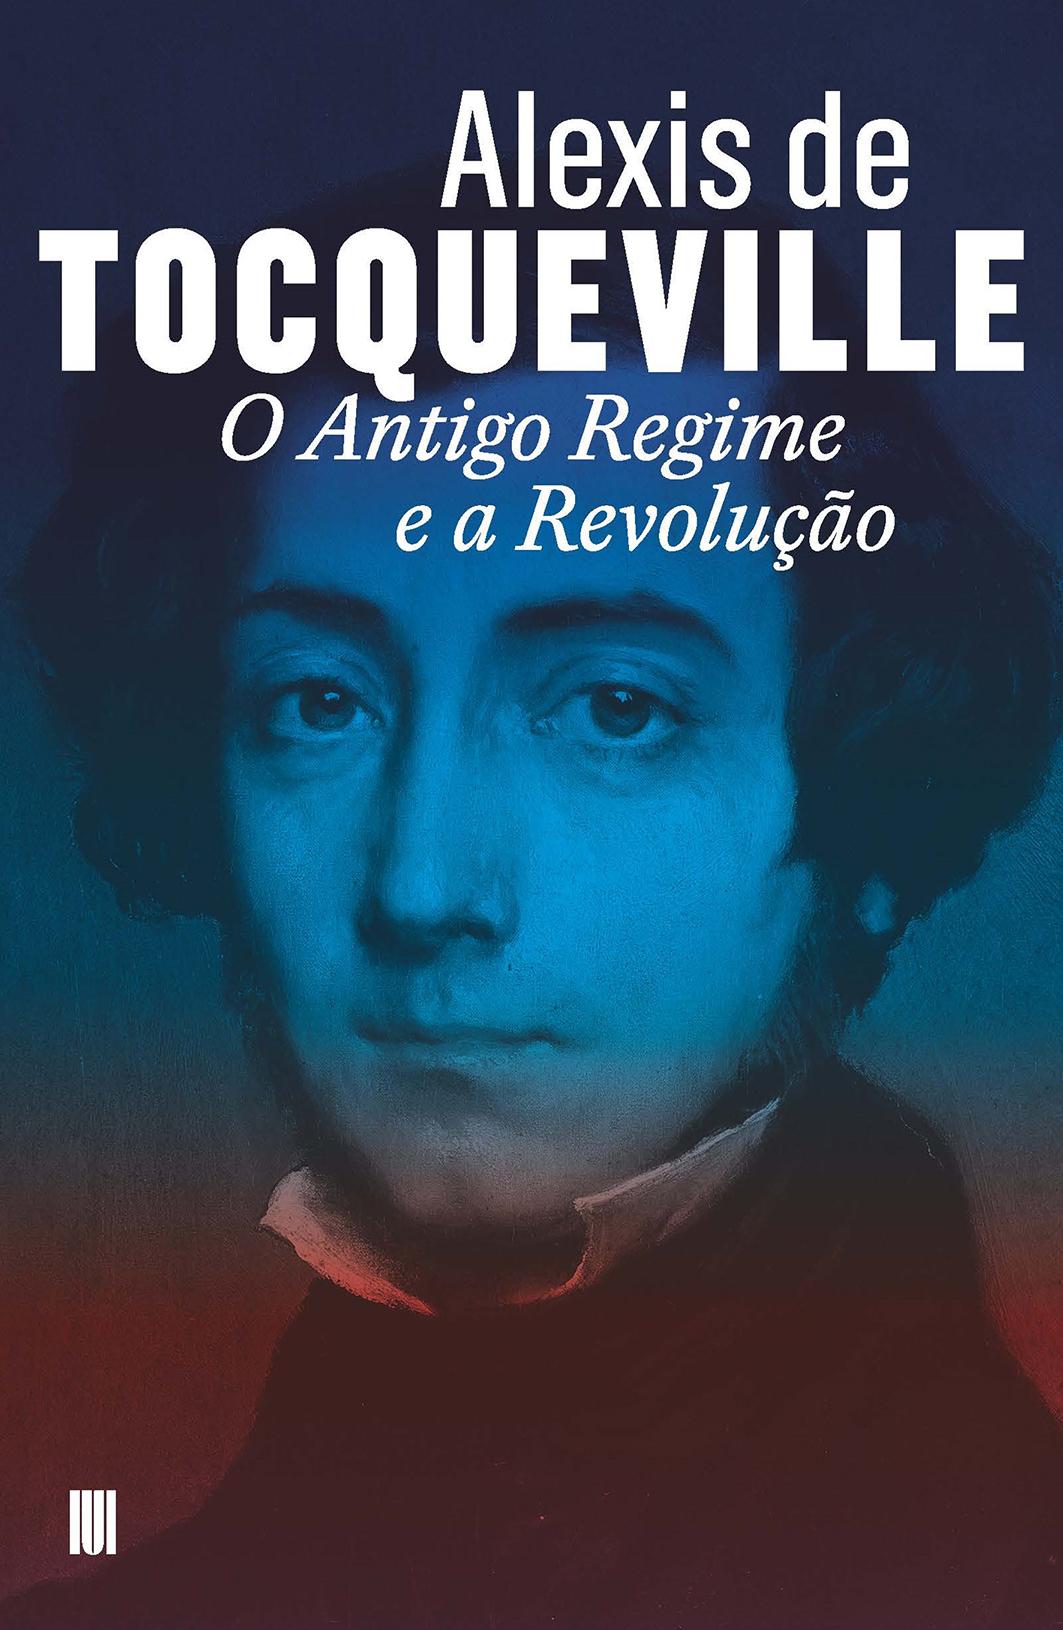 O Antigo Regime e a Revolução - Alexis de Tocqueville